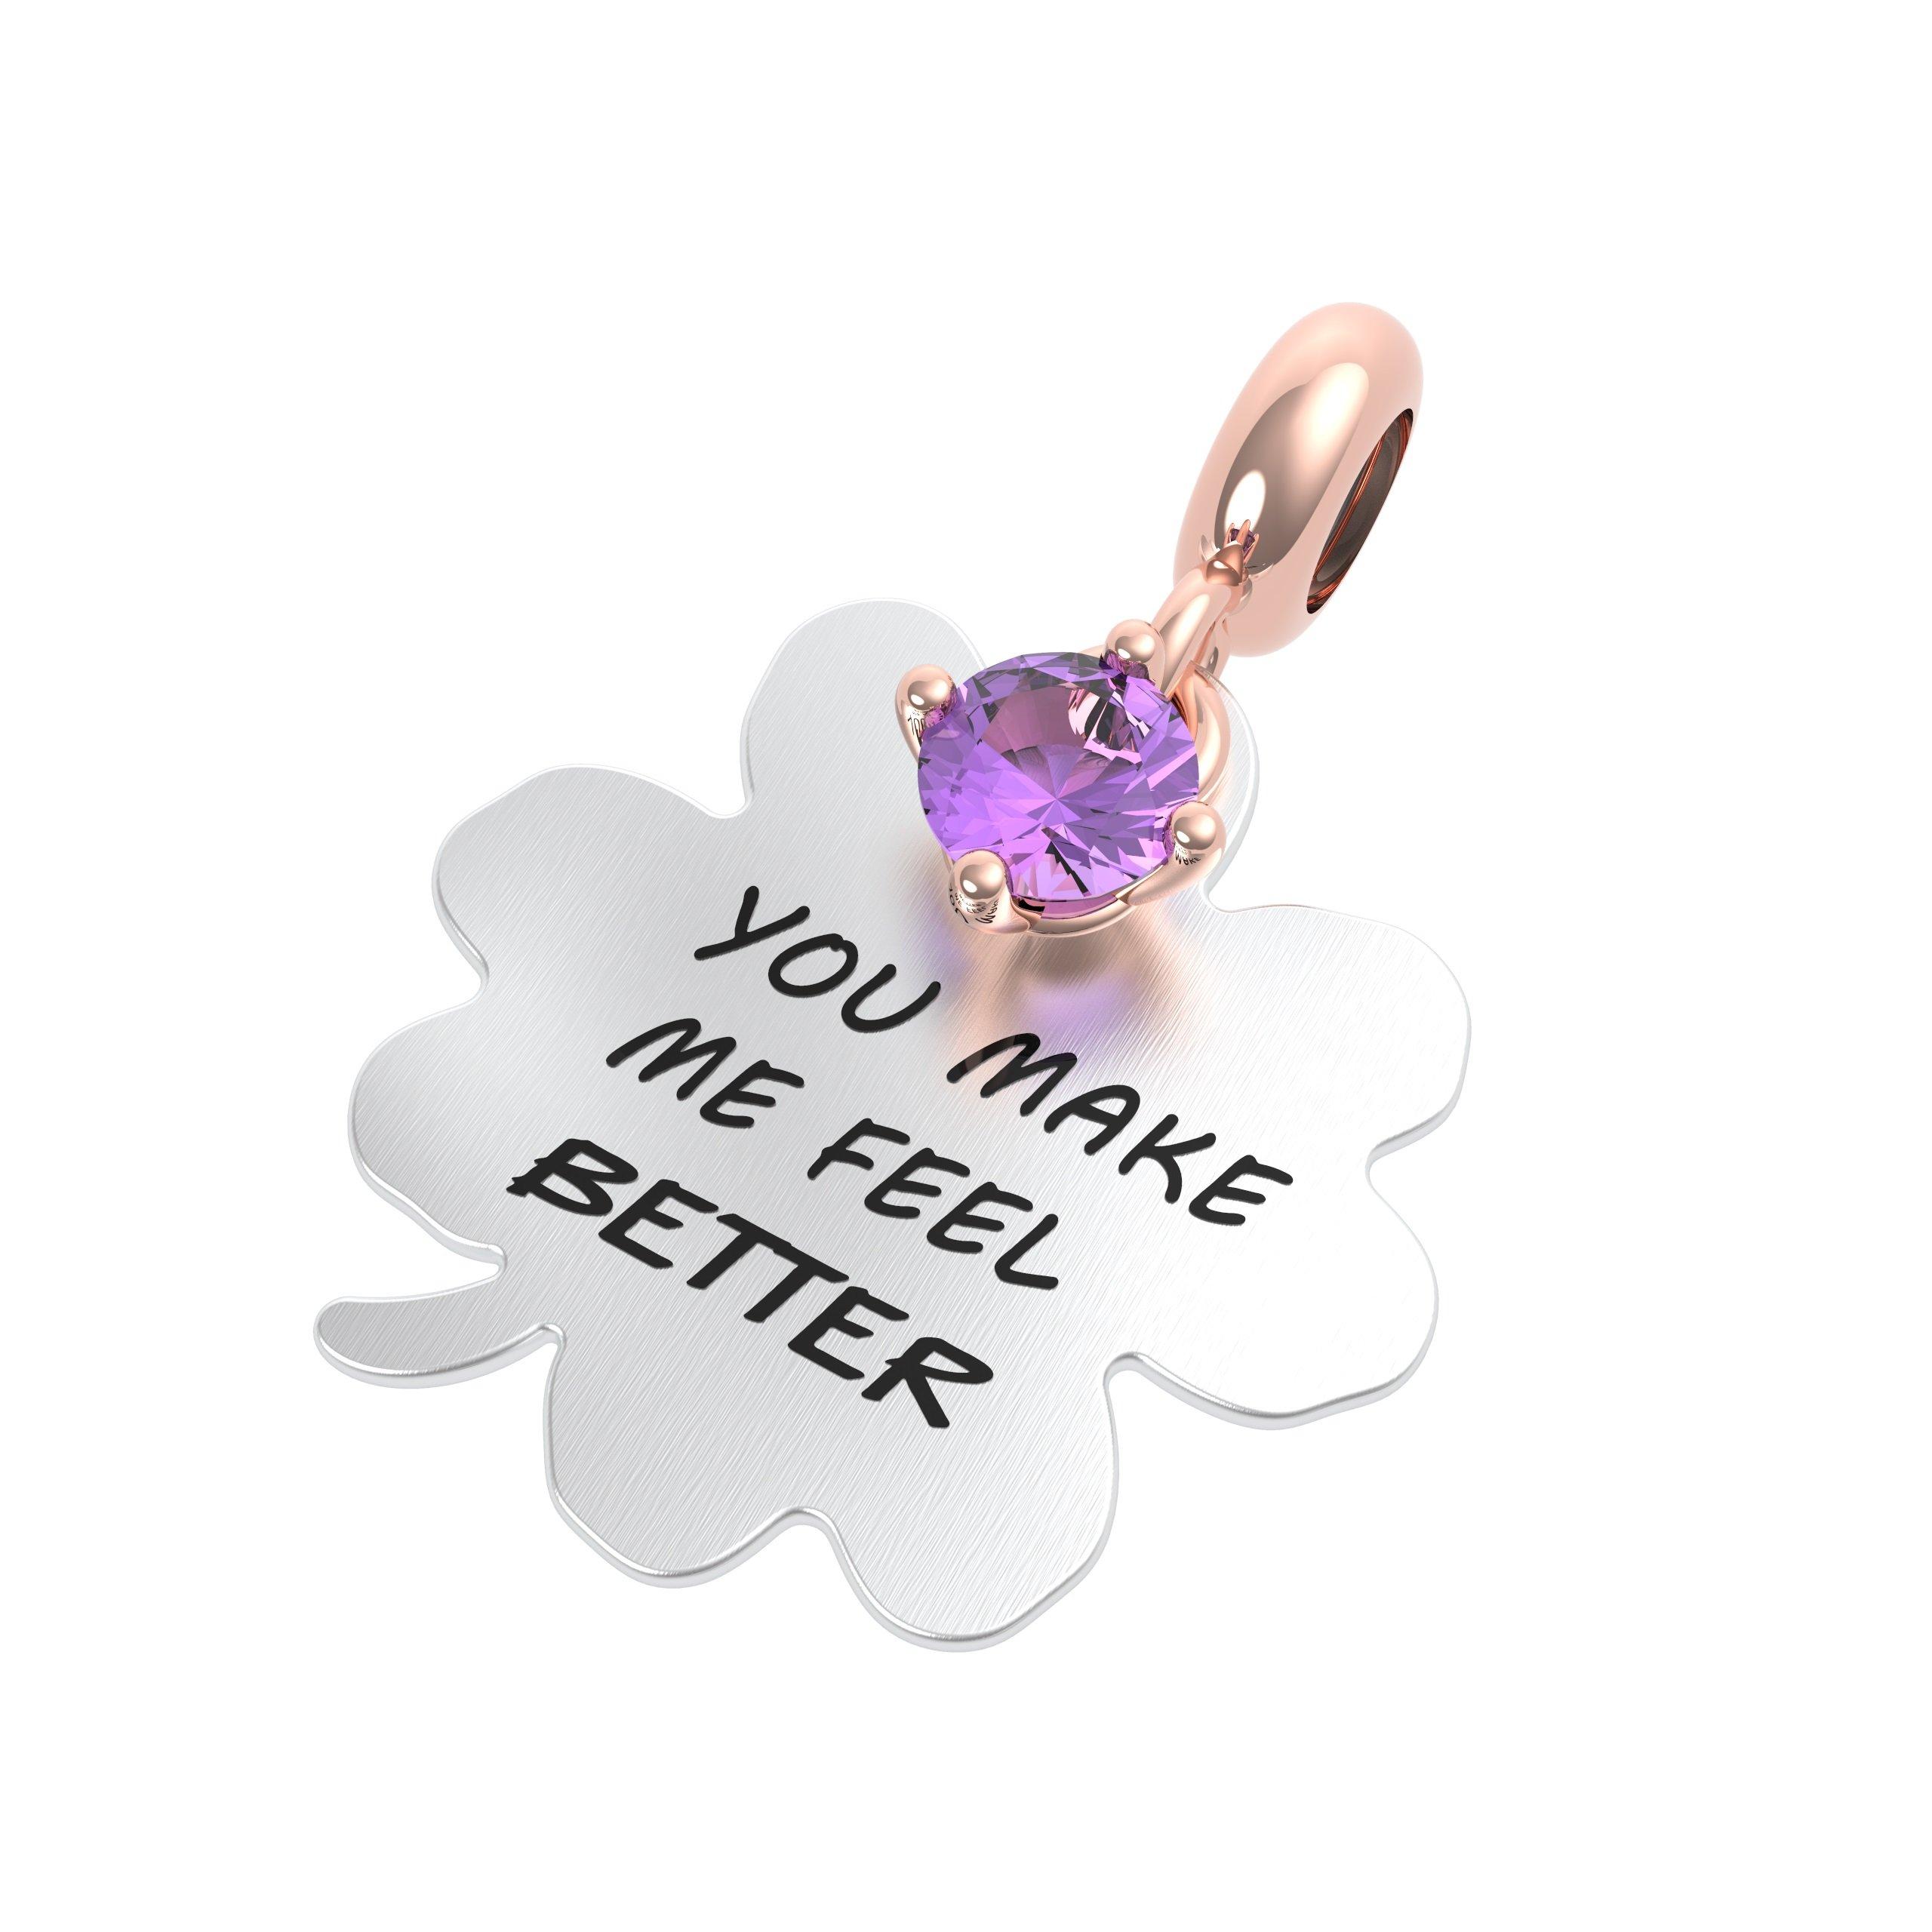 You make me feel better